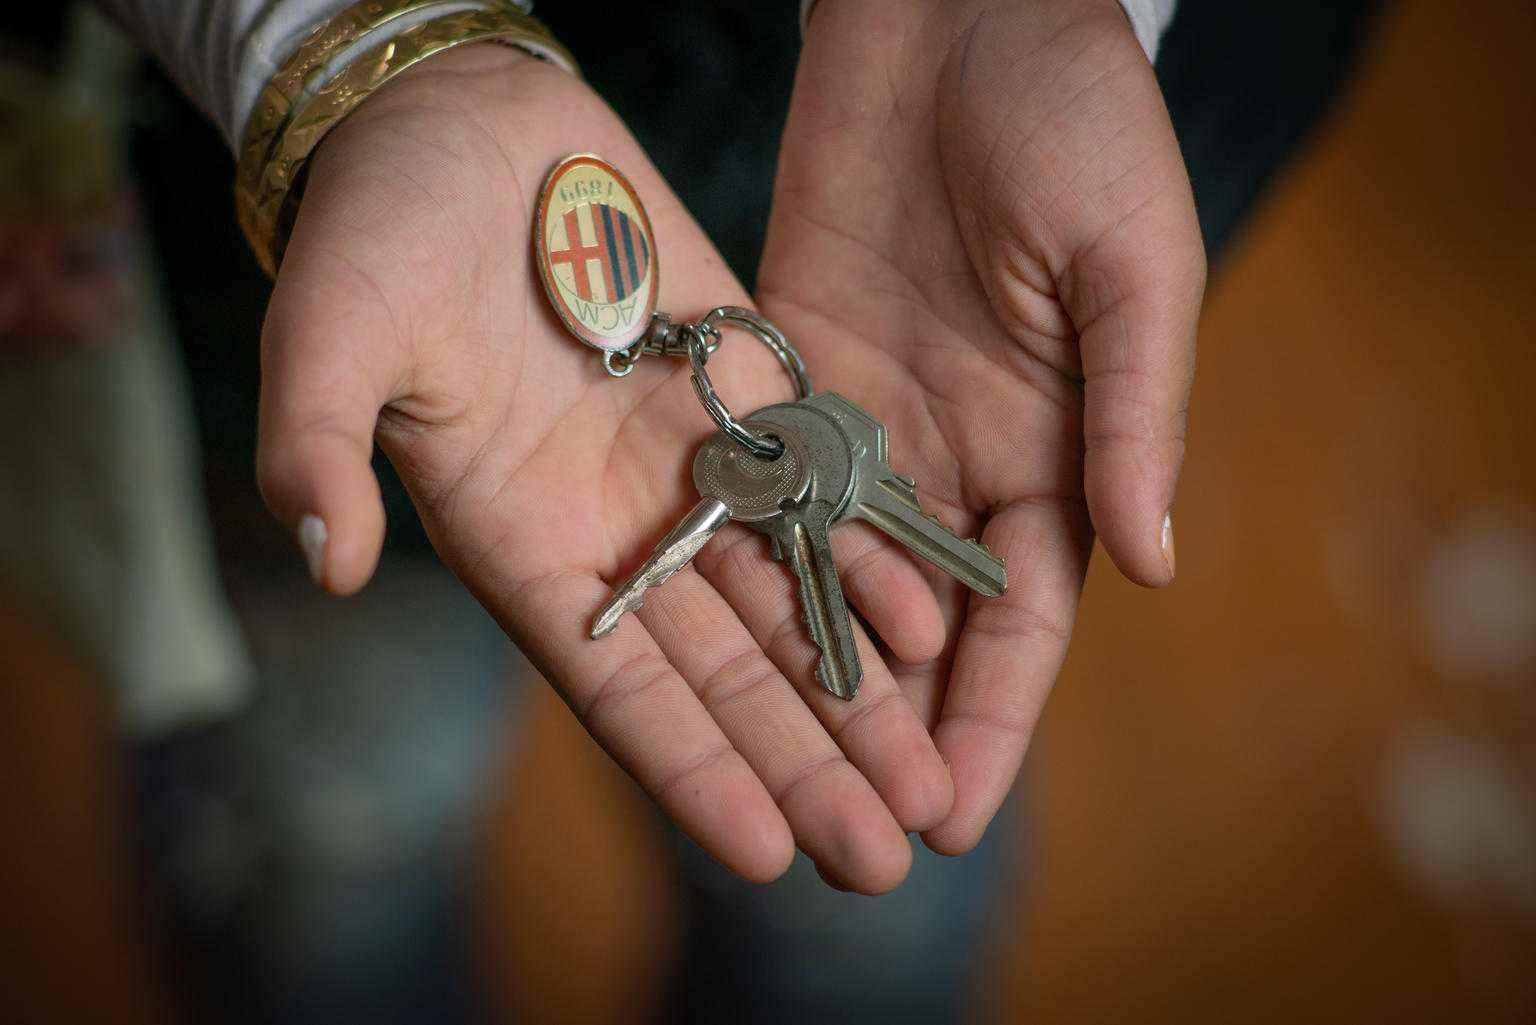 """""""هذه هي مفاتيح منزلي، عندما نعود إلى سوريا، سأكون أنا الشخص الذي يفتح الباب """"- تشرين الأول 2018 الأردن (يونيسيف)"""